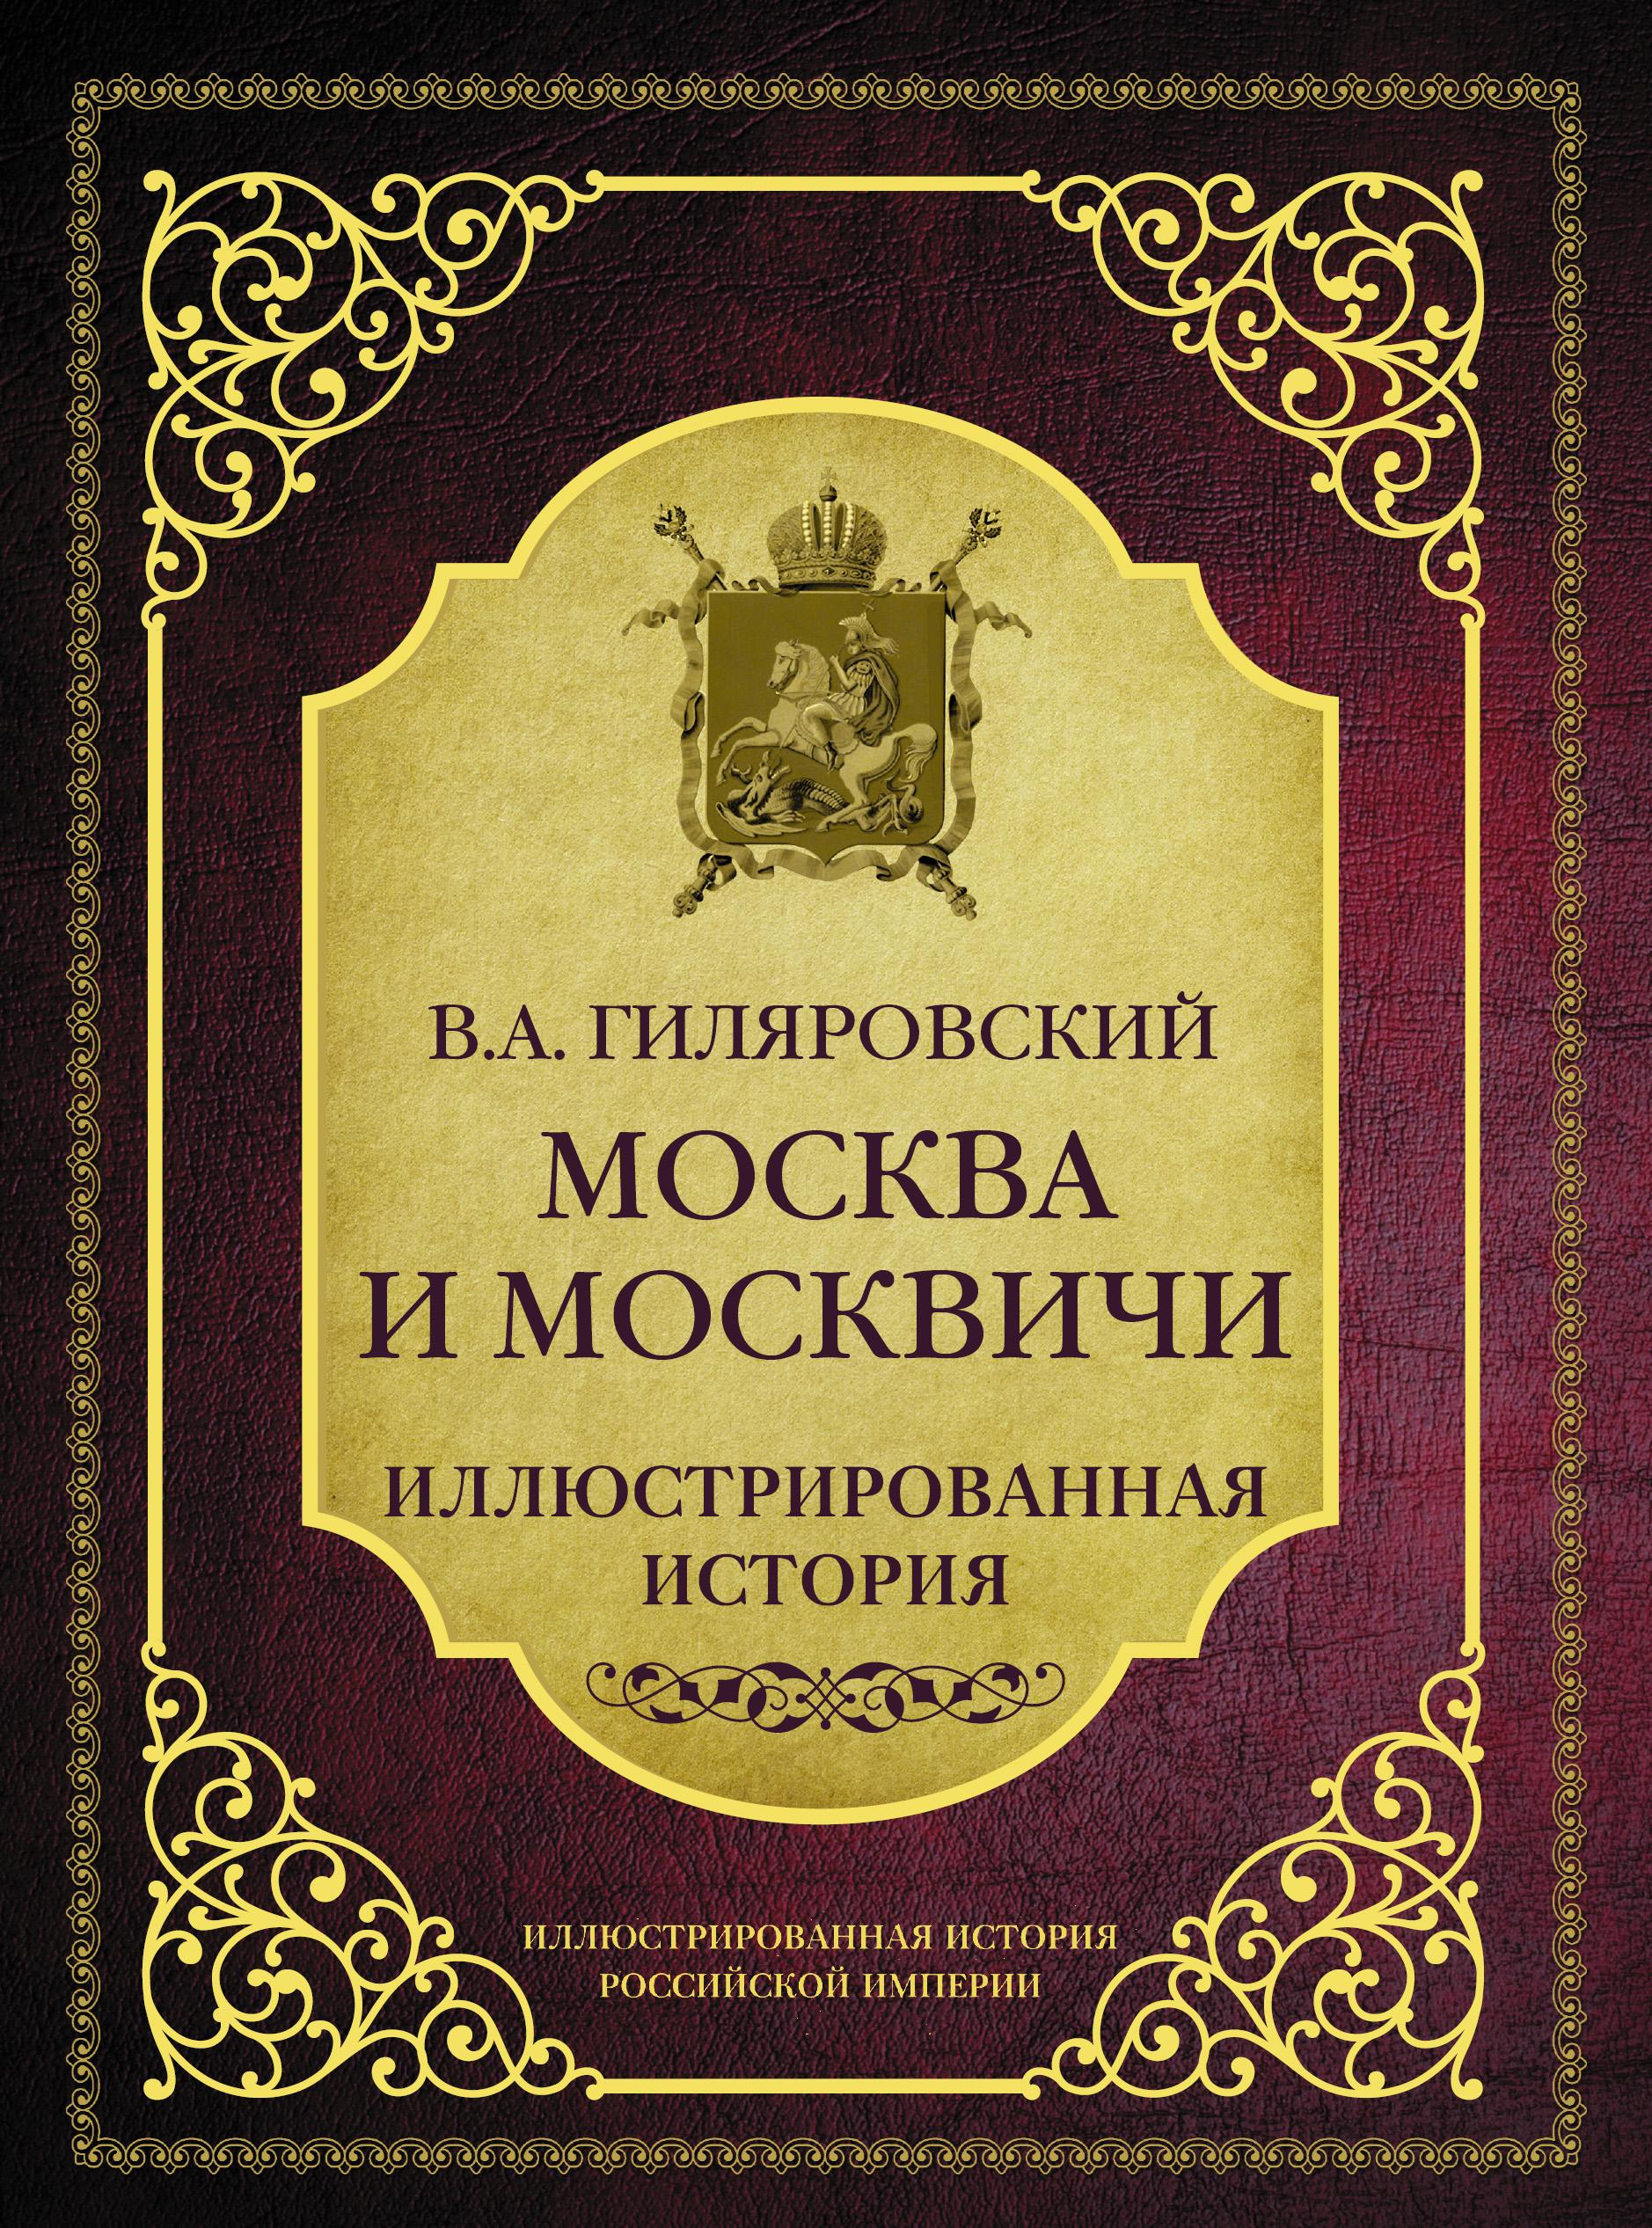 цена на Владимир Гиляровский Москва и москвичи. Иллюстрированная история